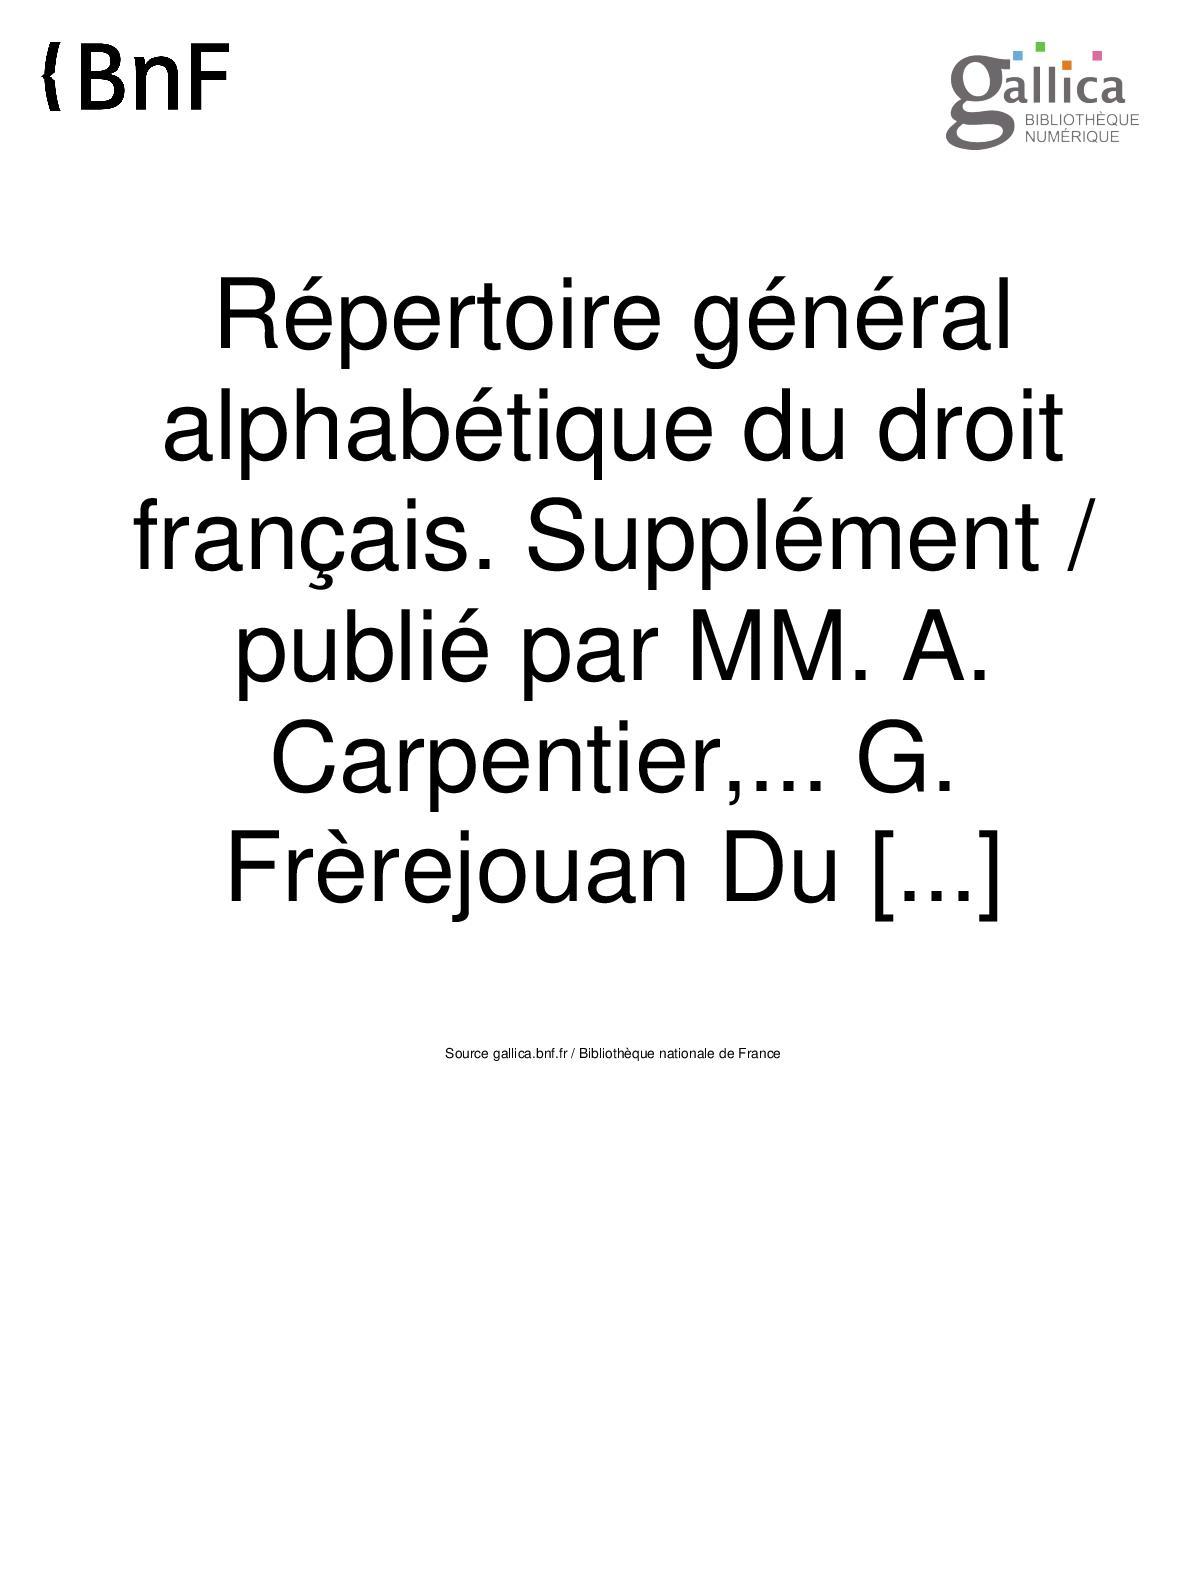 Calaméo - Droit Francais N5455103 PDF 1 1DM 94e5d53a95c1